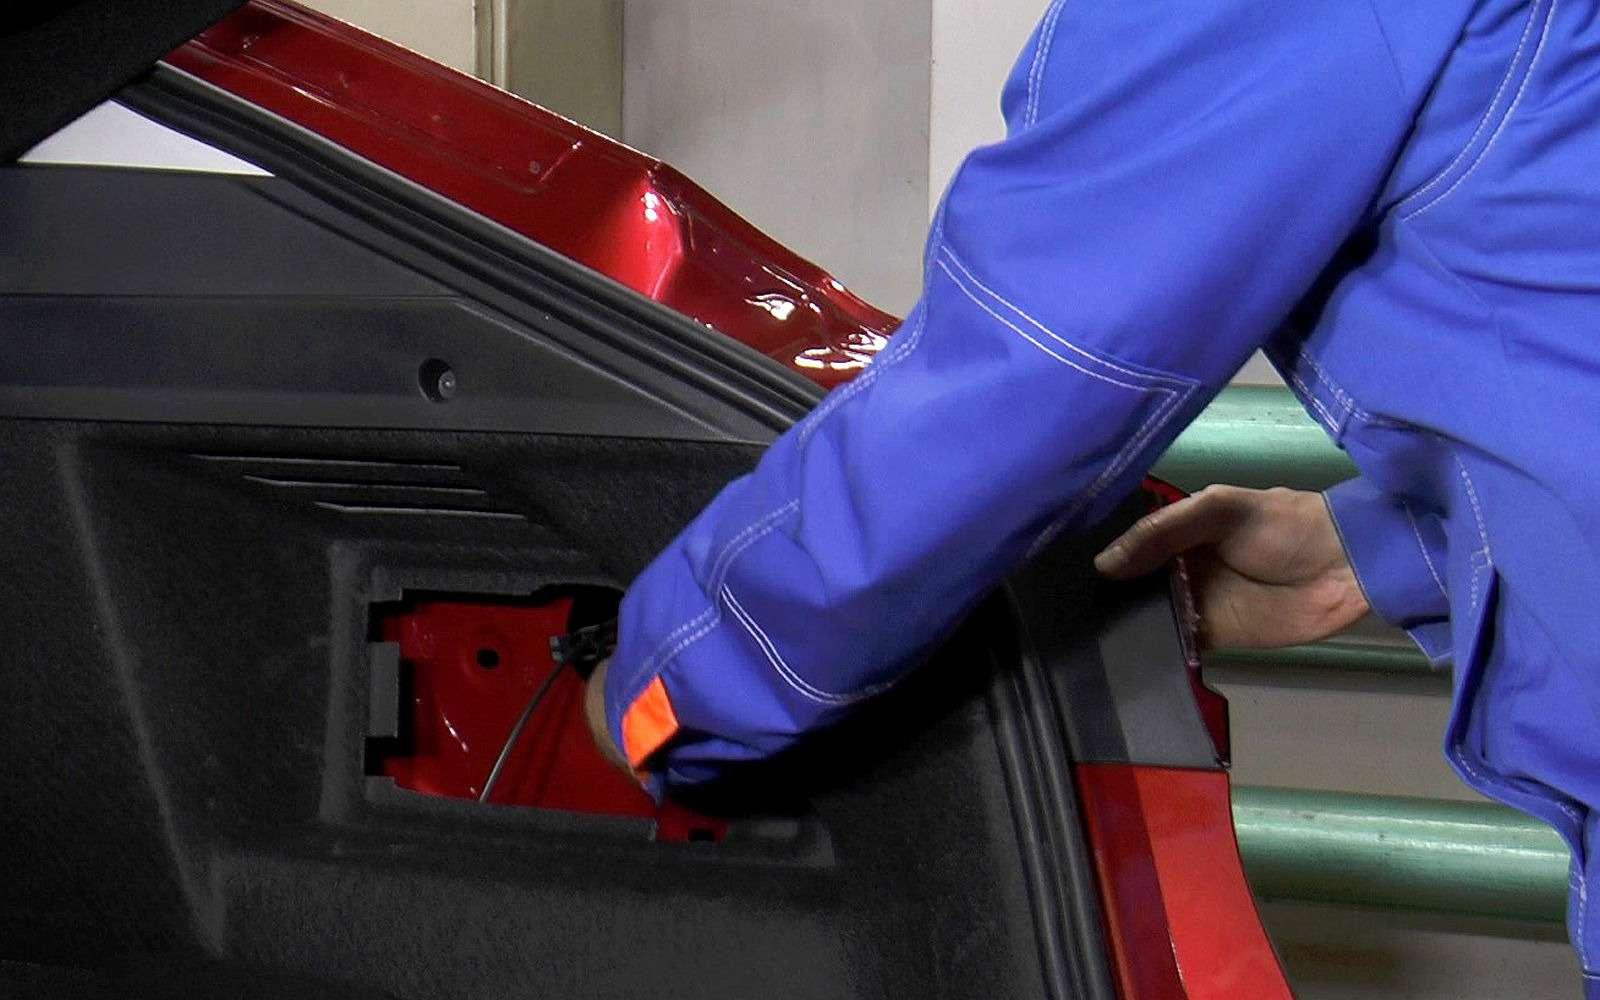 Обслуживание Renault Arkana: все плюсы иреальные недостатки— фото 989259